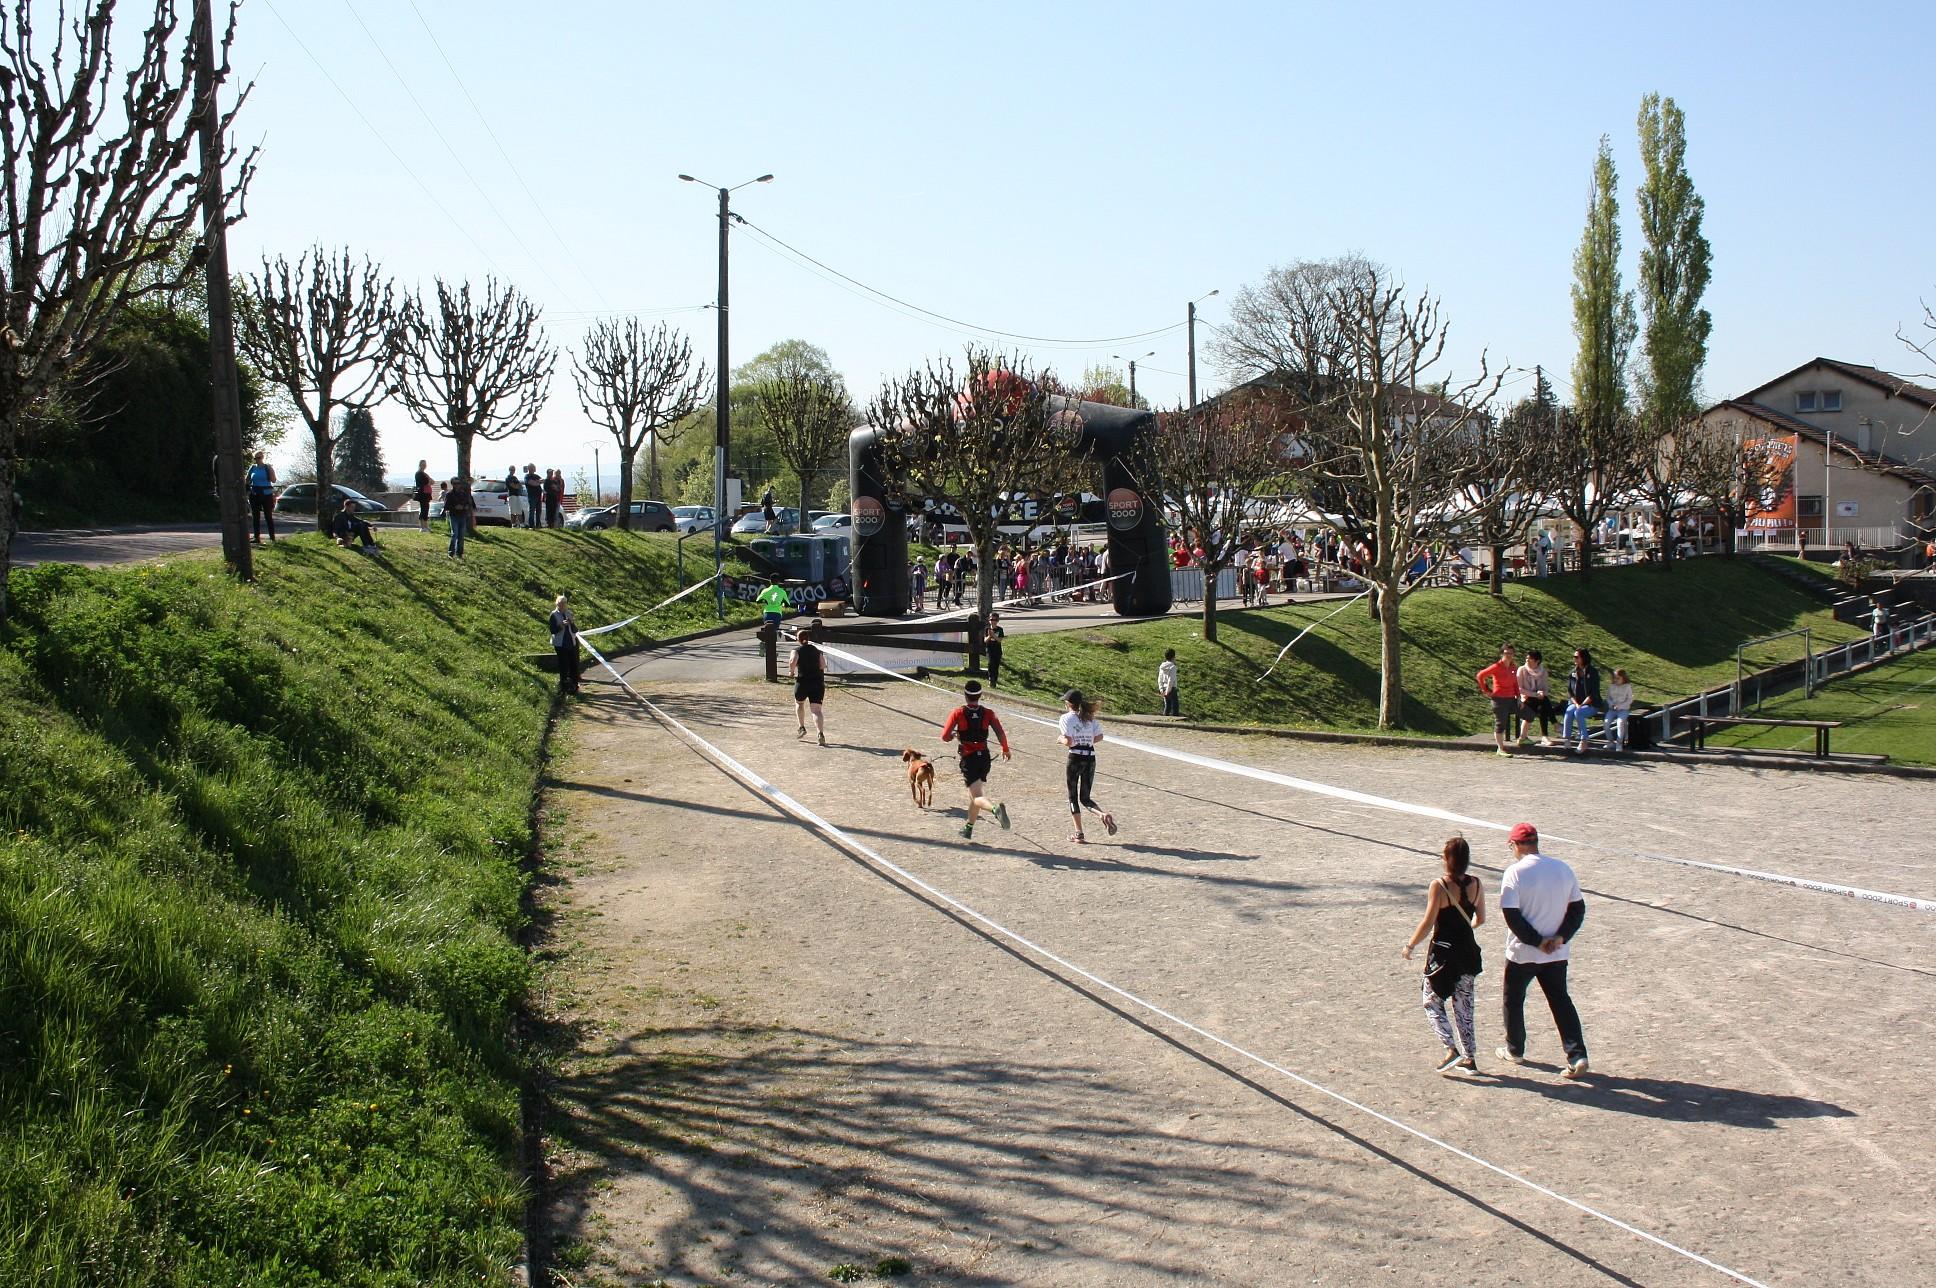 2017-04-09 - Trail-Montfaucon-Juliette (219)